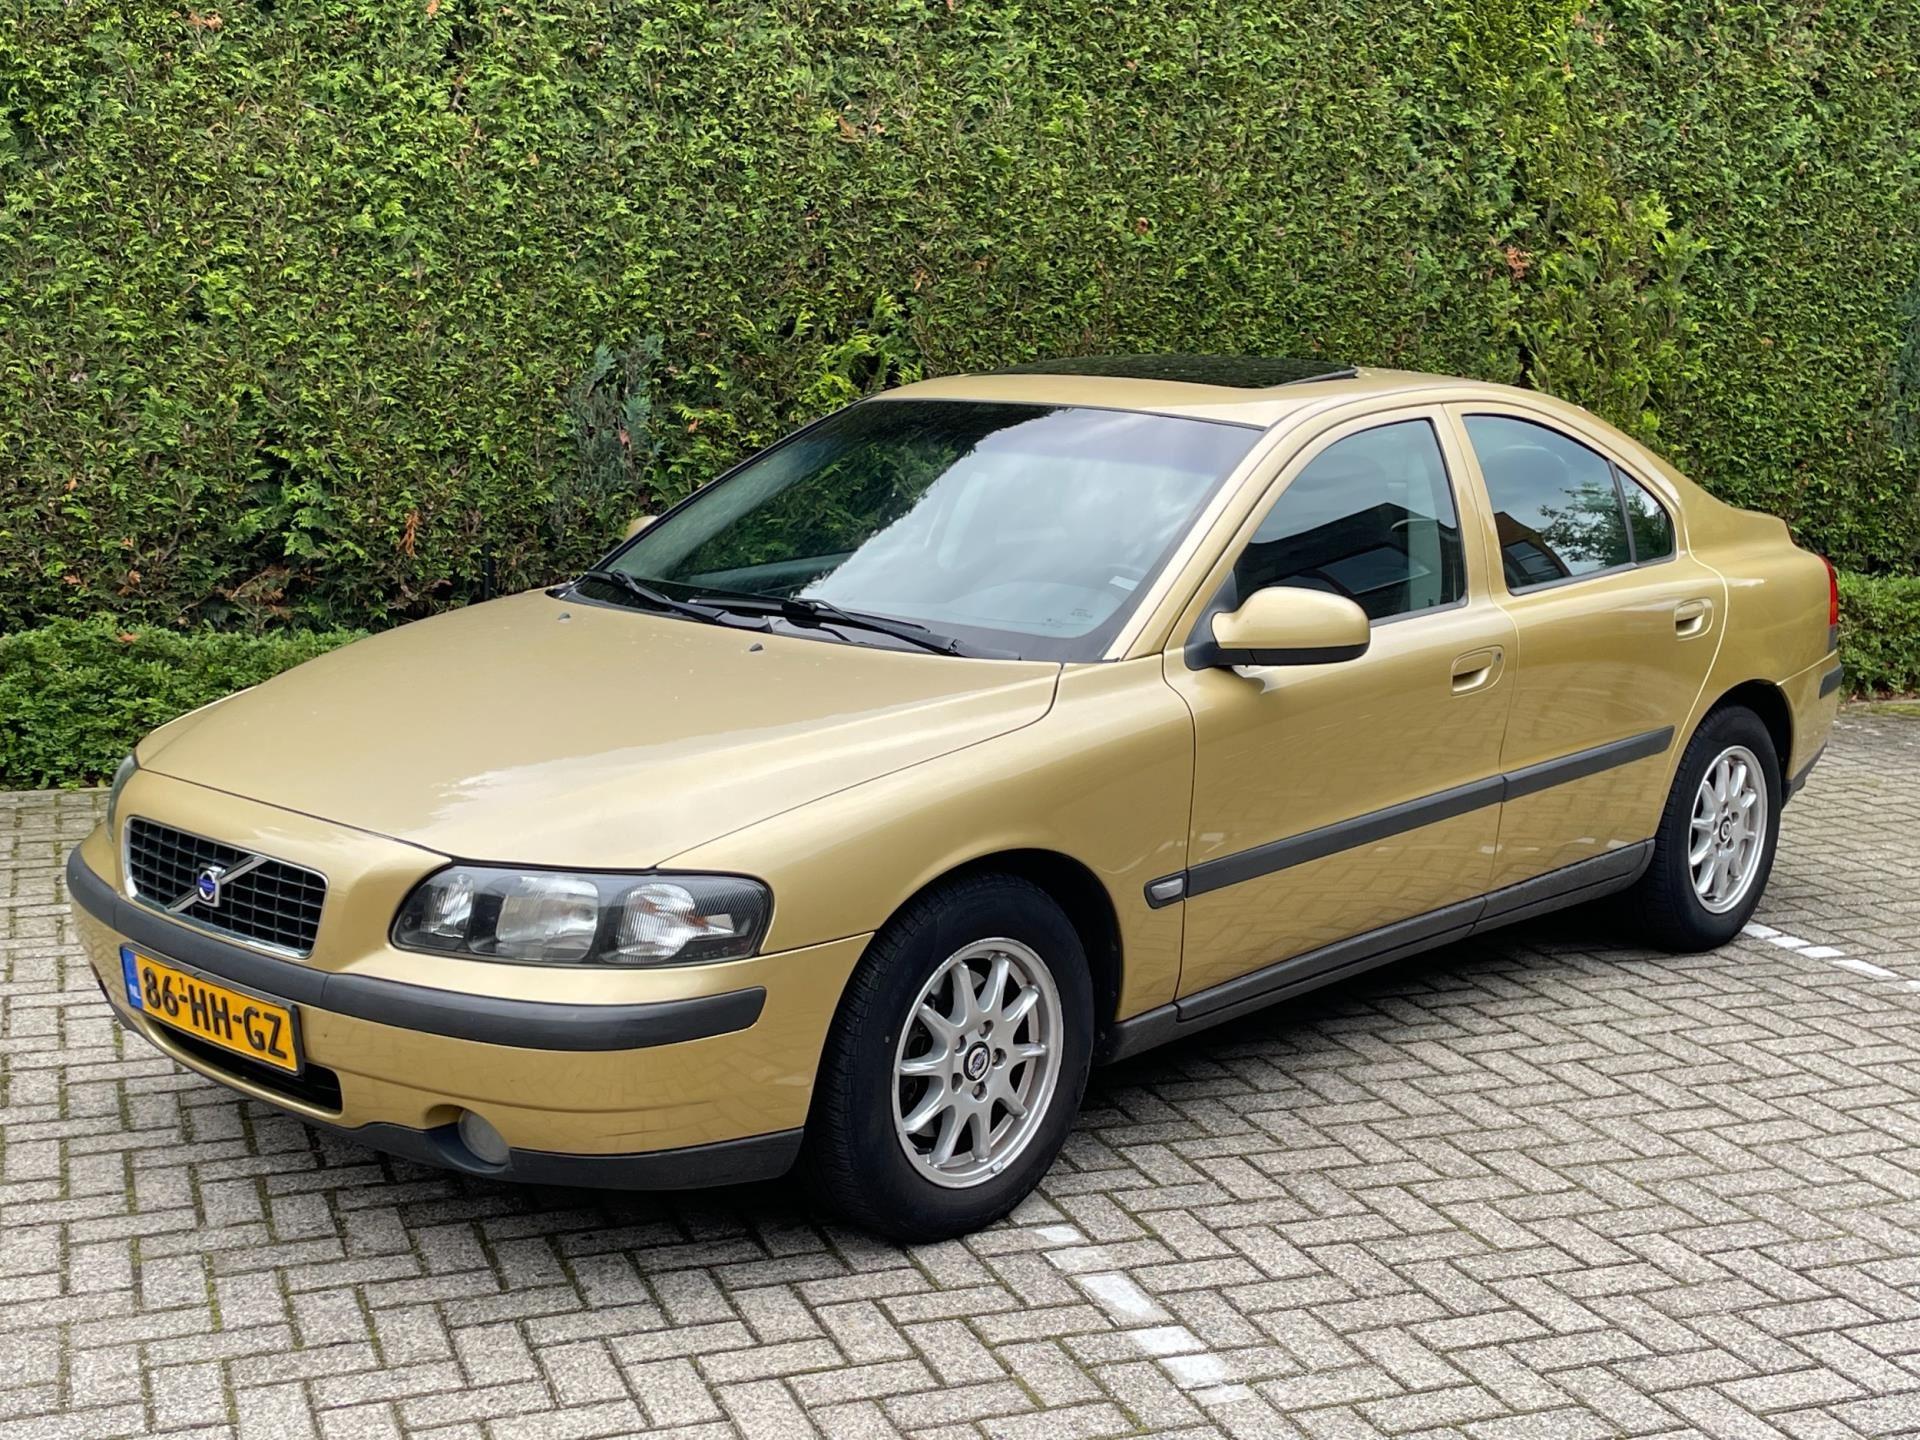 Volvo S60 occasion - Dealer Outlet Cuijk b.v.